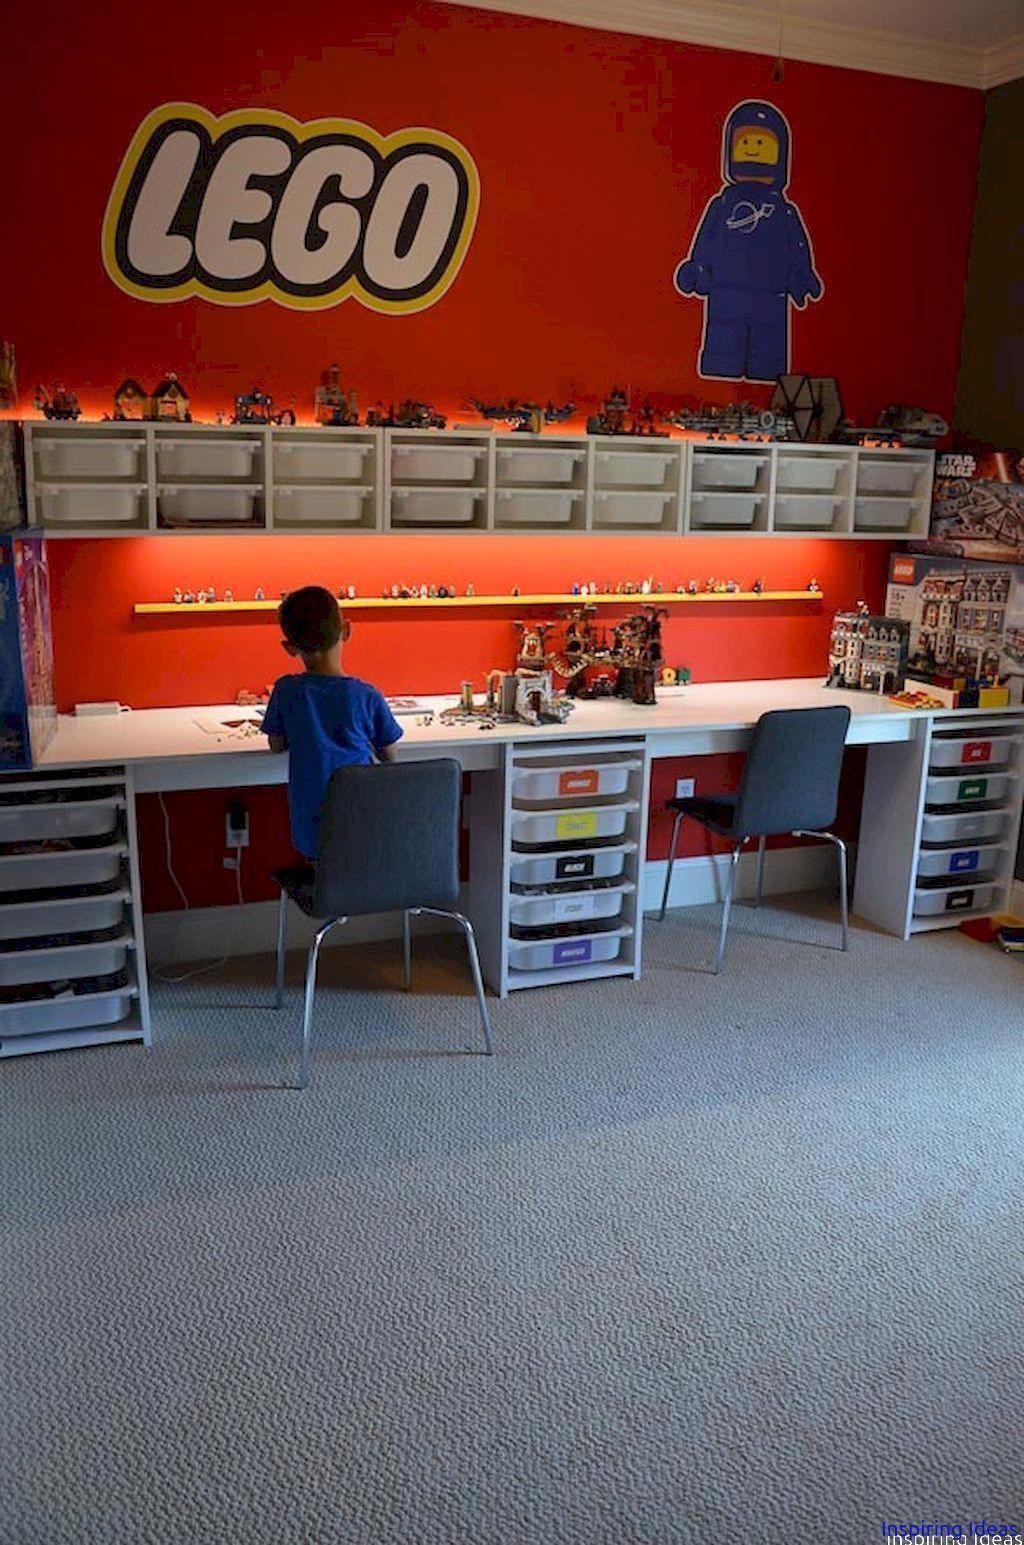 Amazing dreamed playroom ideas 33 Kids Room Ideas